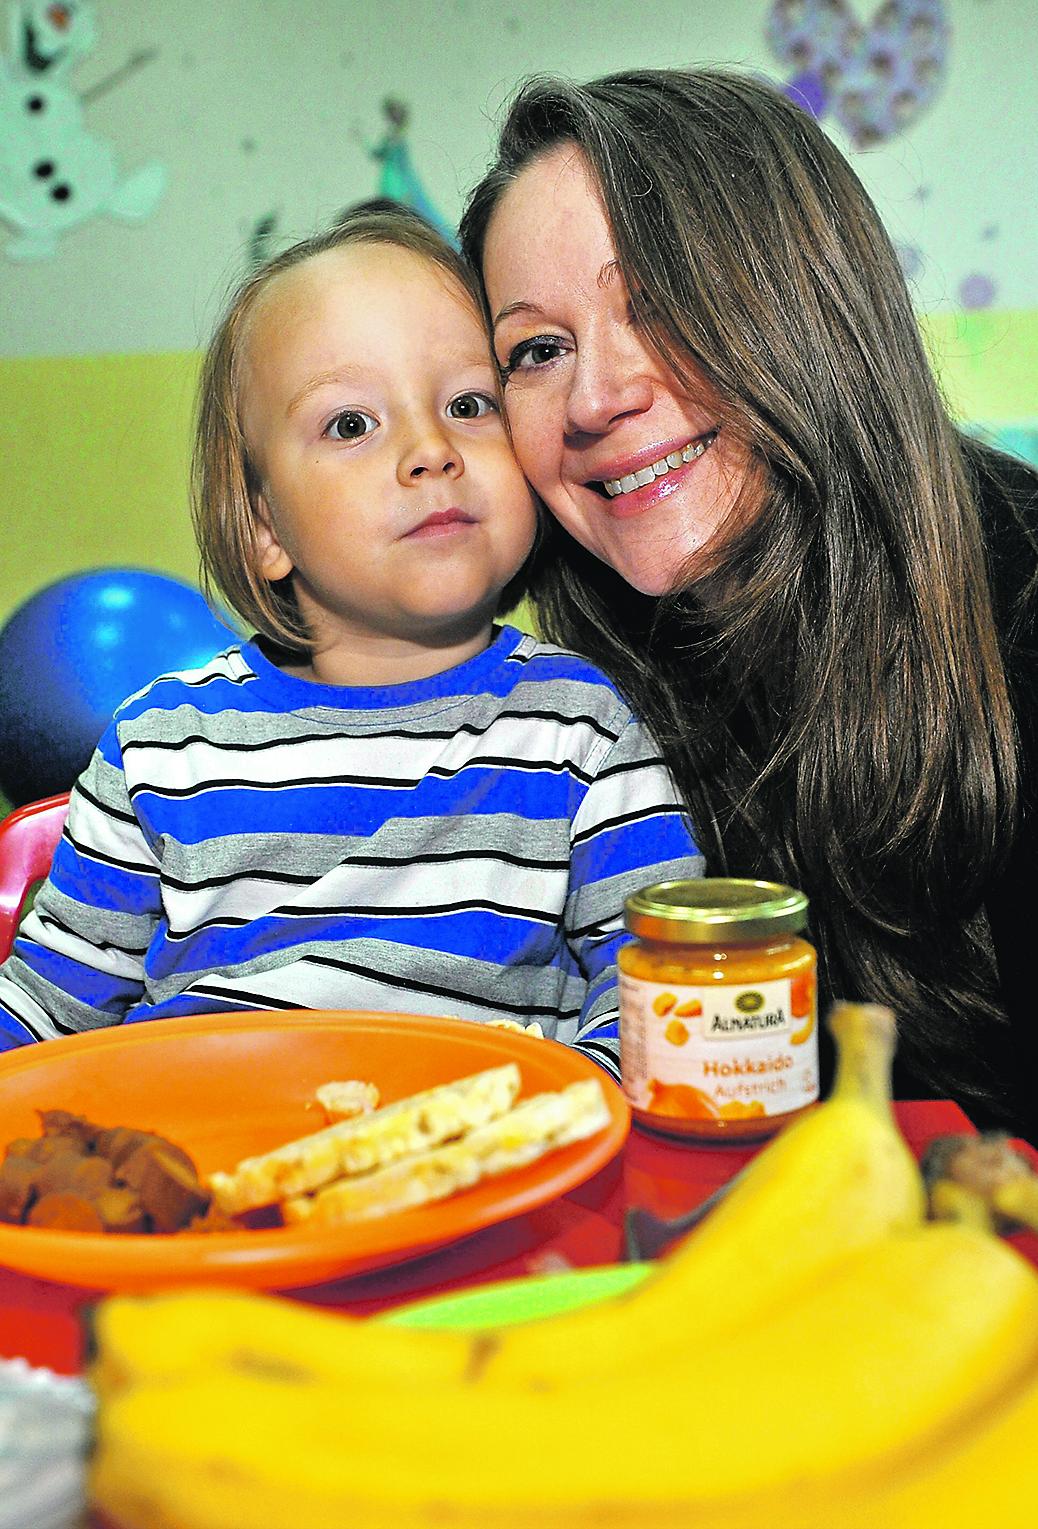 Vegani Natalija Svrtan i njezin četverogodišnji sin Toni